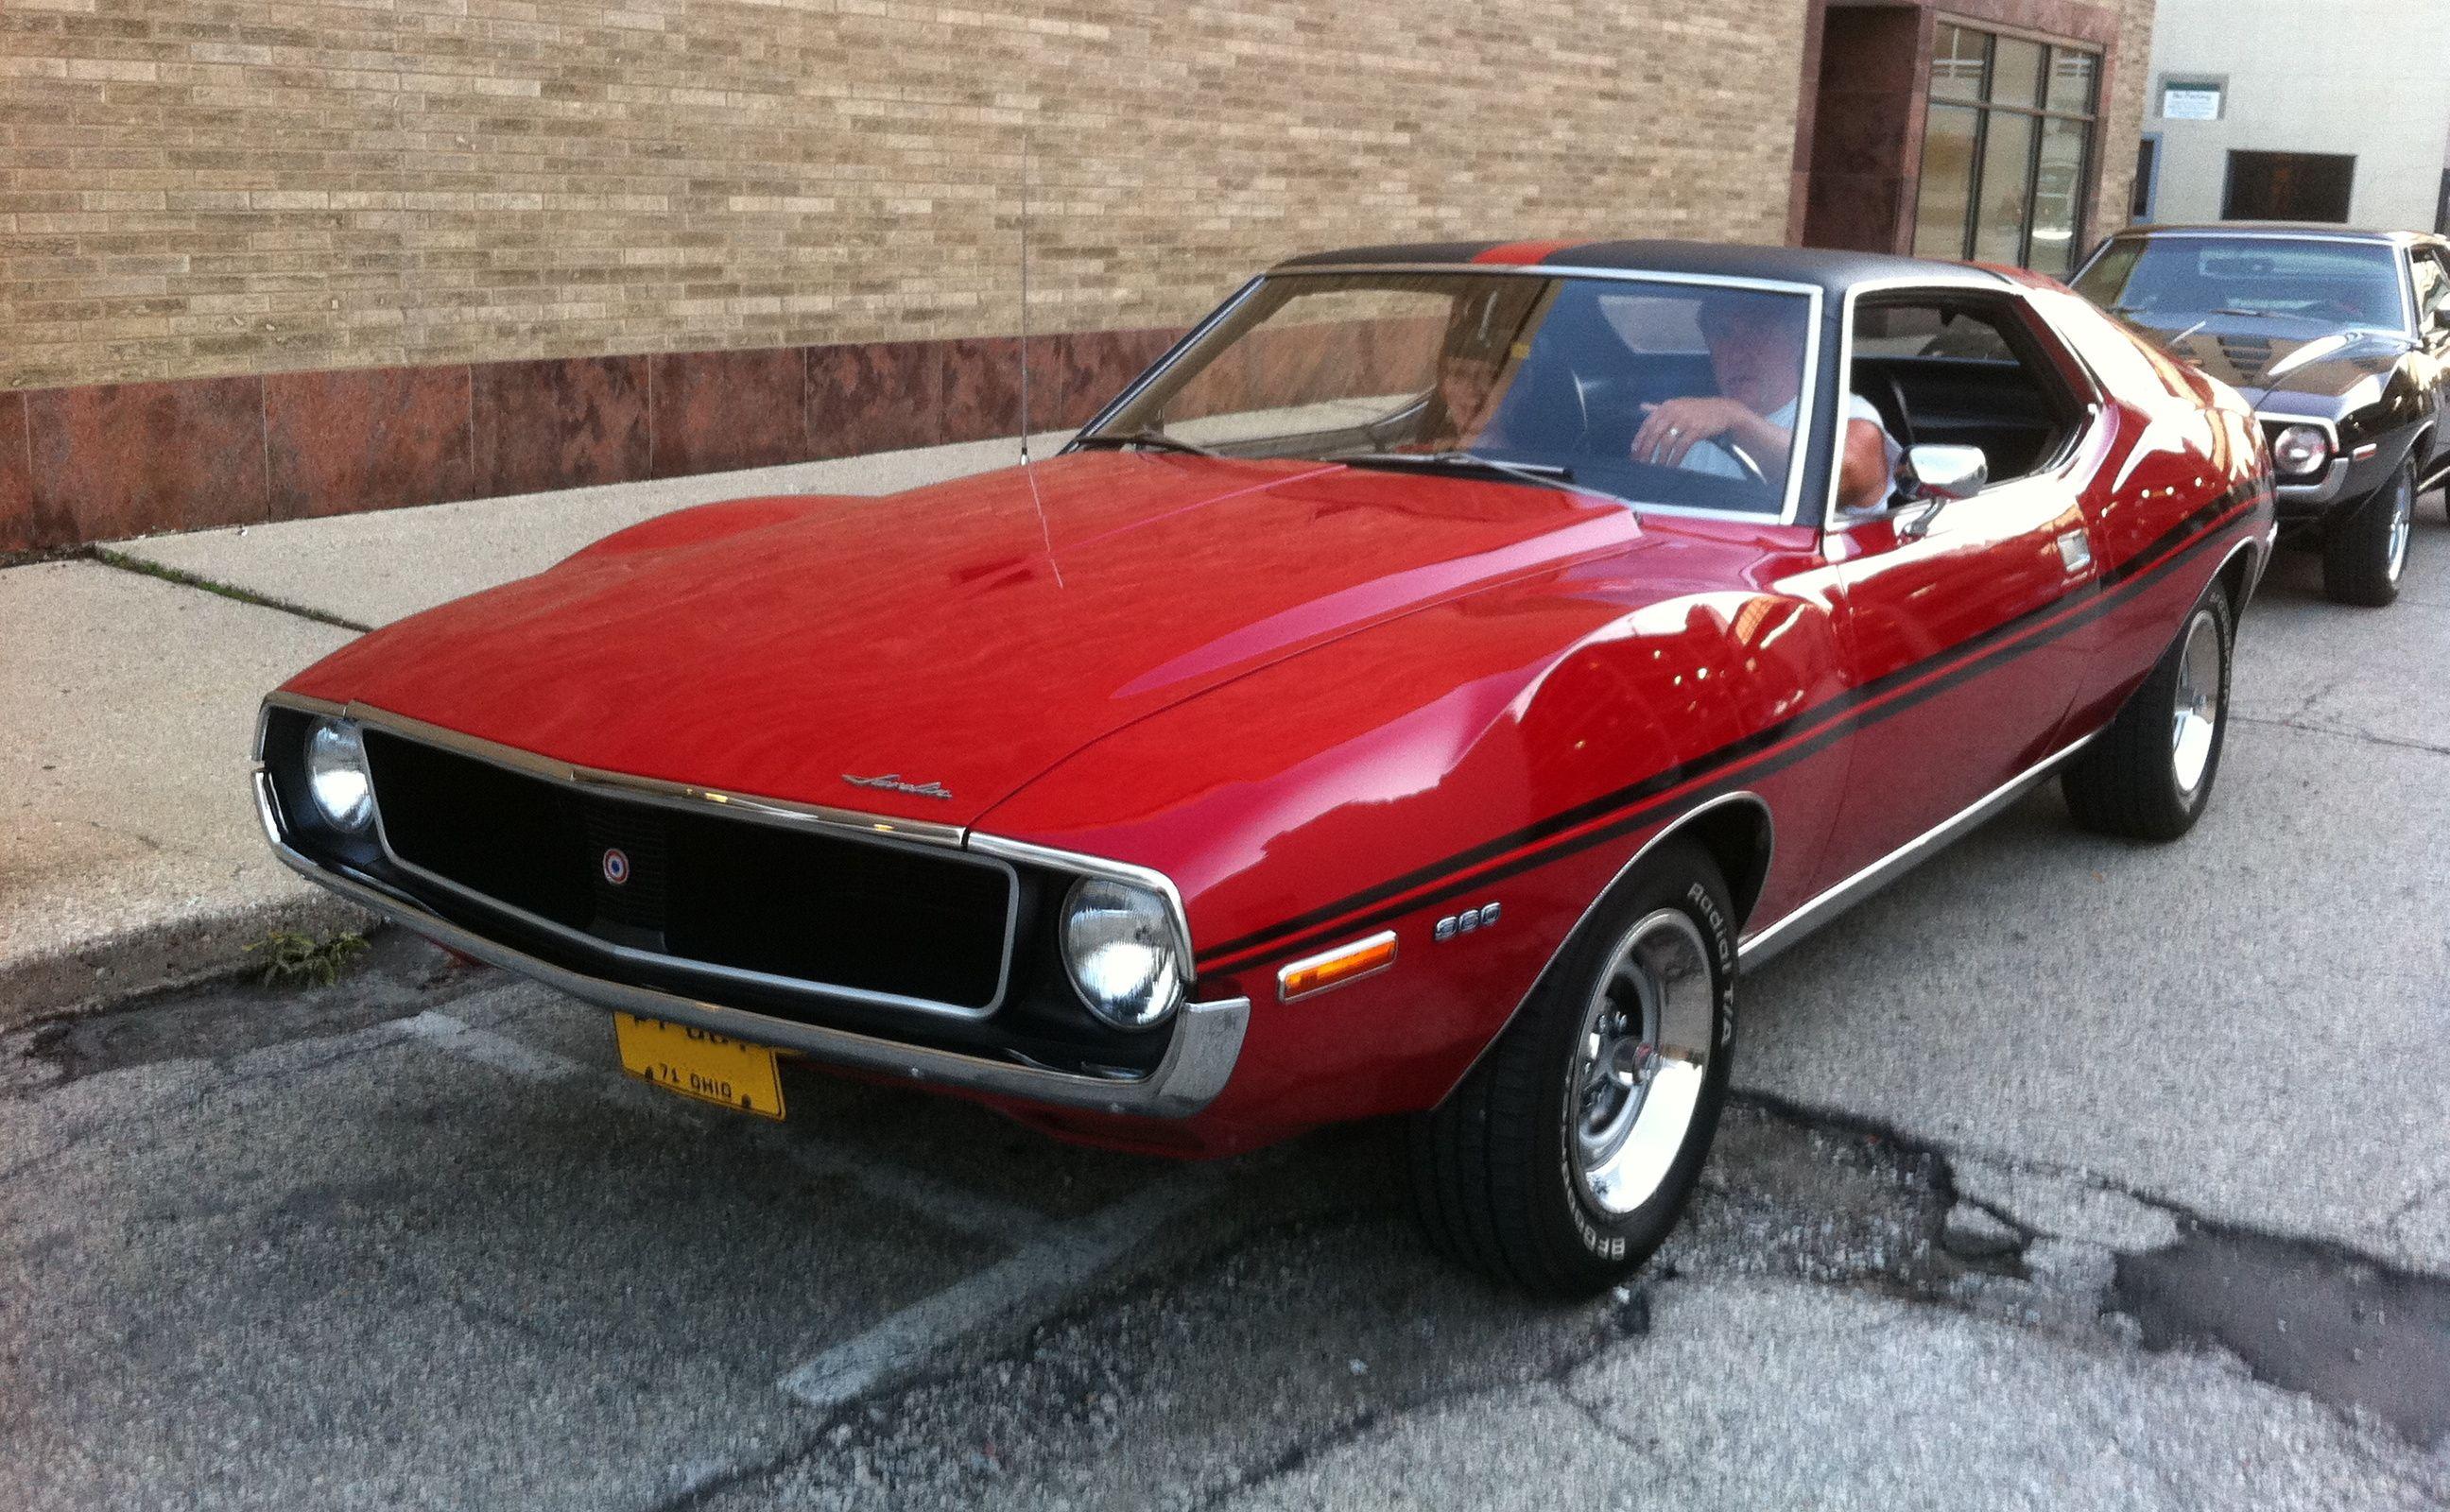 1971 Amc Javelin Sst Red Kenosha Street Amc Javelin Amc American Motors